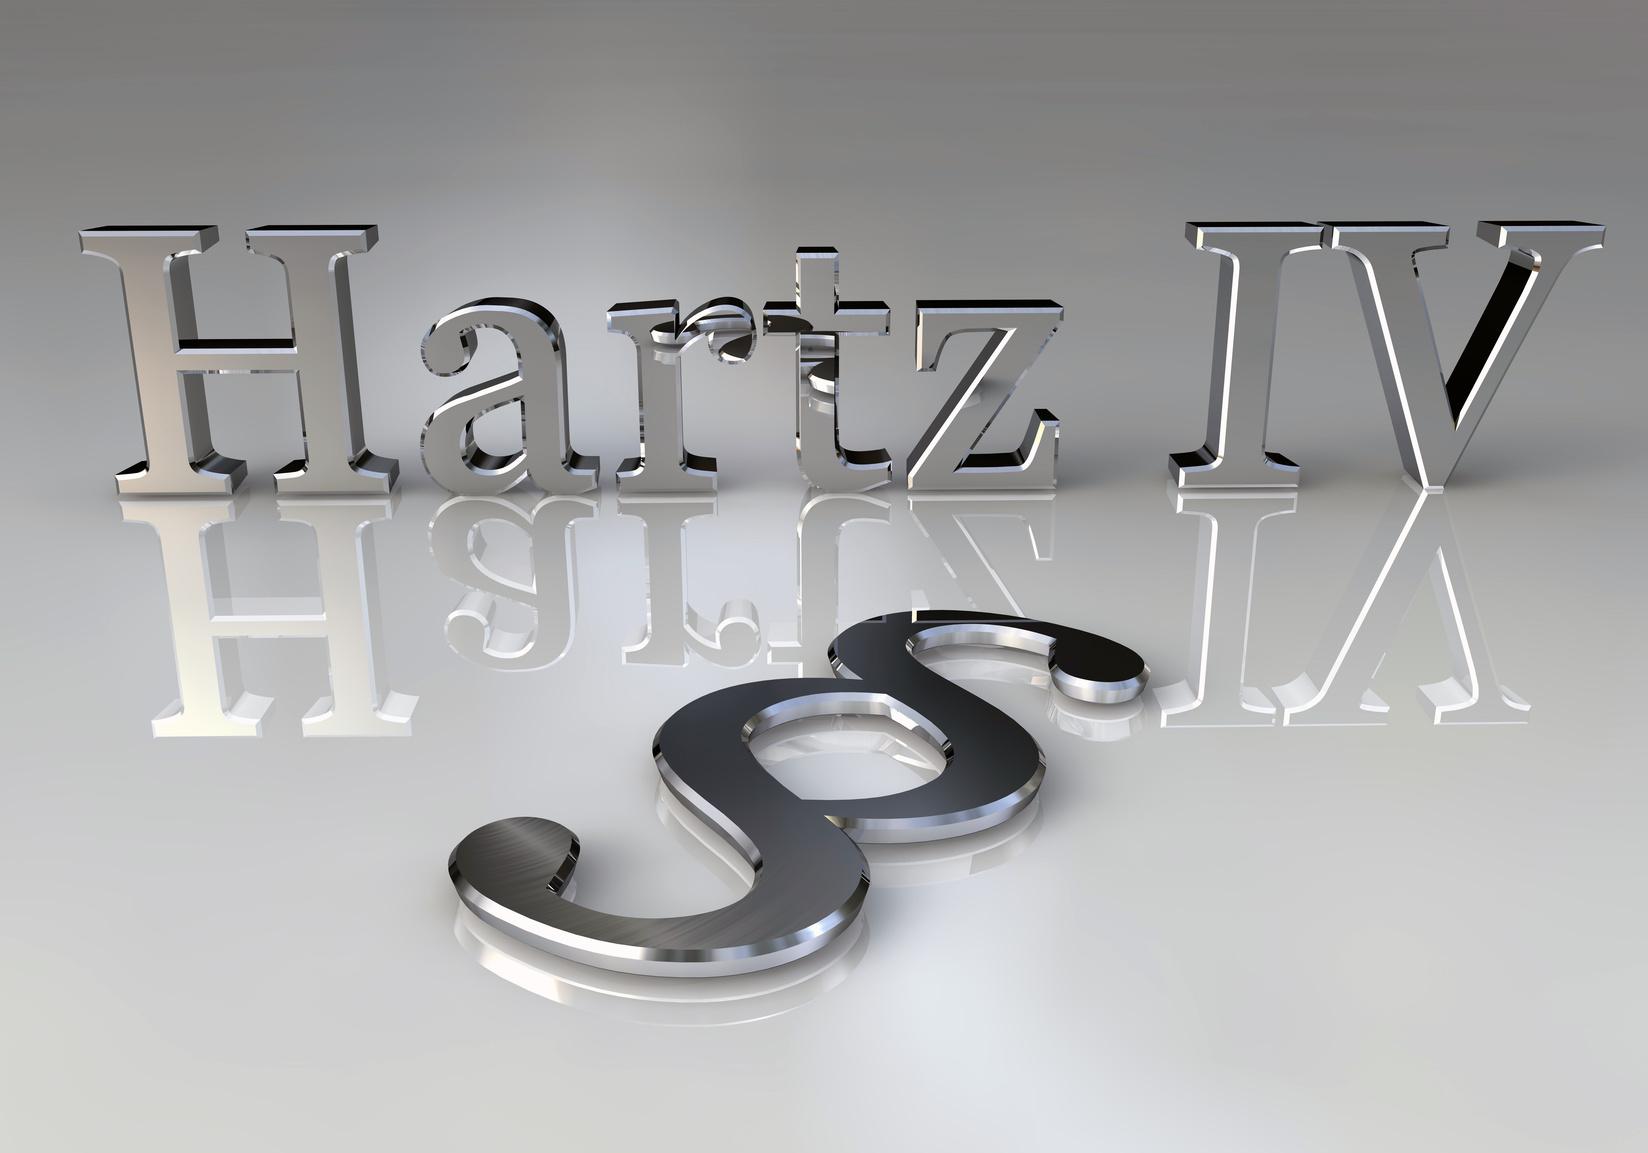 Erstausstattung bei Hartz IV Bezug